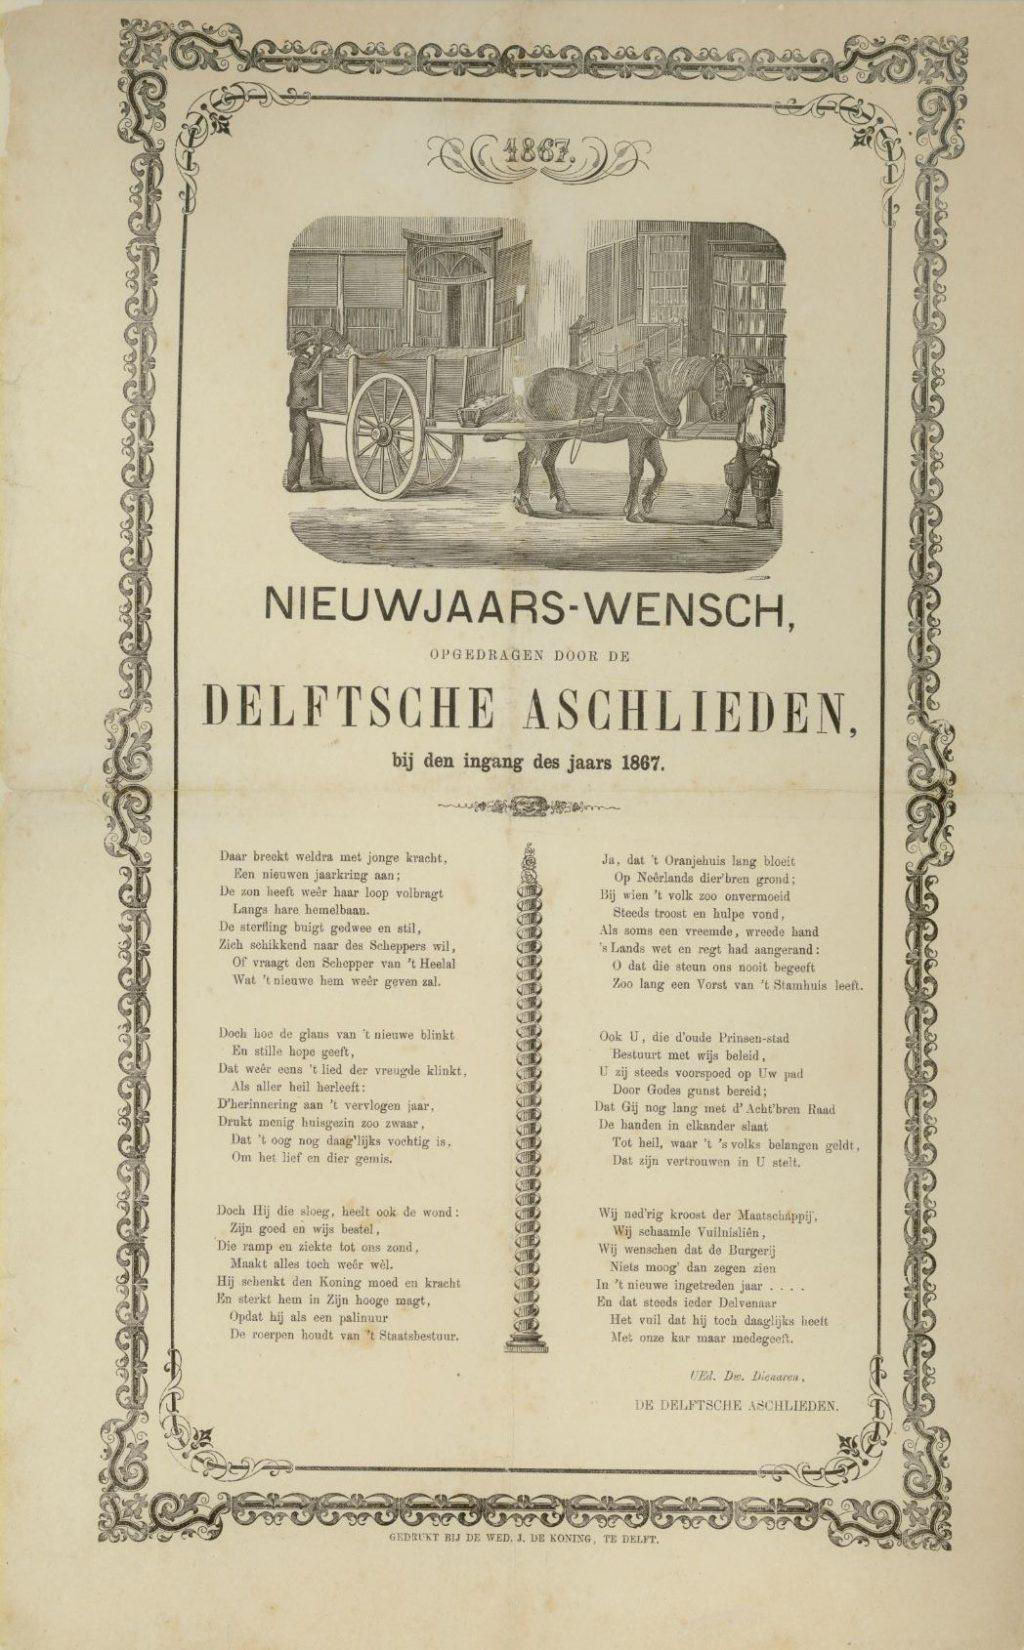 Nieuwjaarswens van de Delftse aslieden, 1867 (TMS 91547)